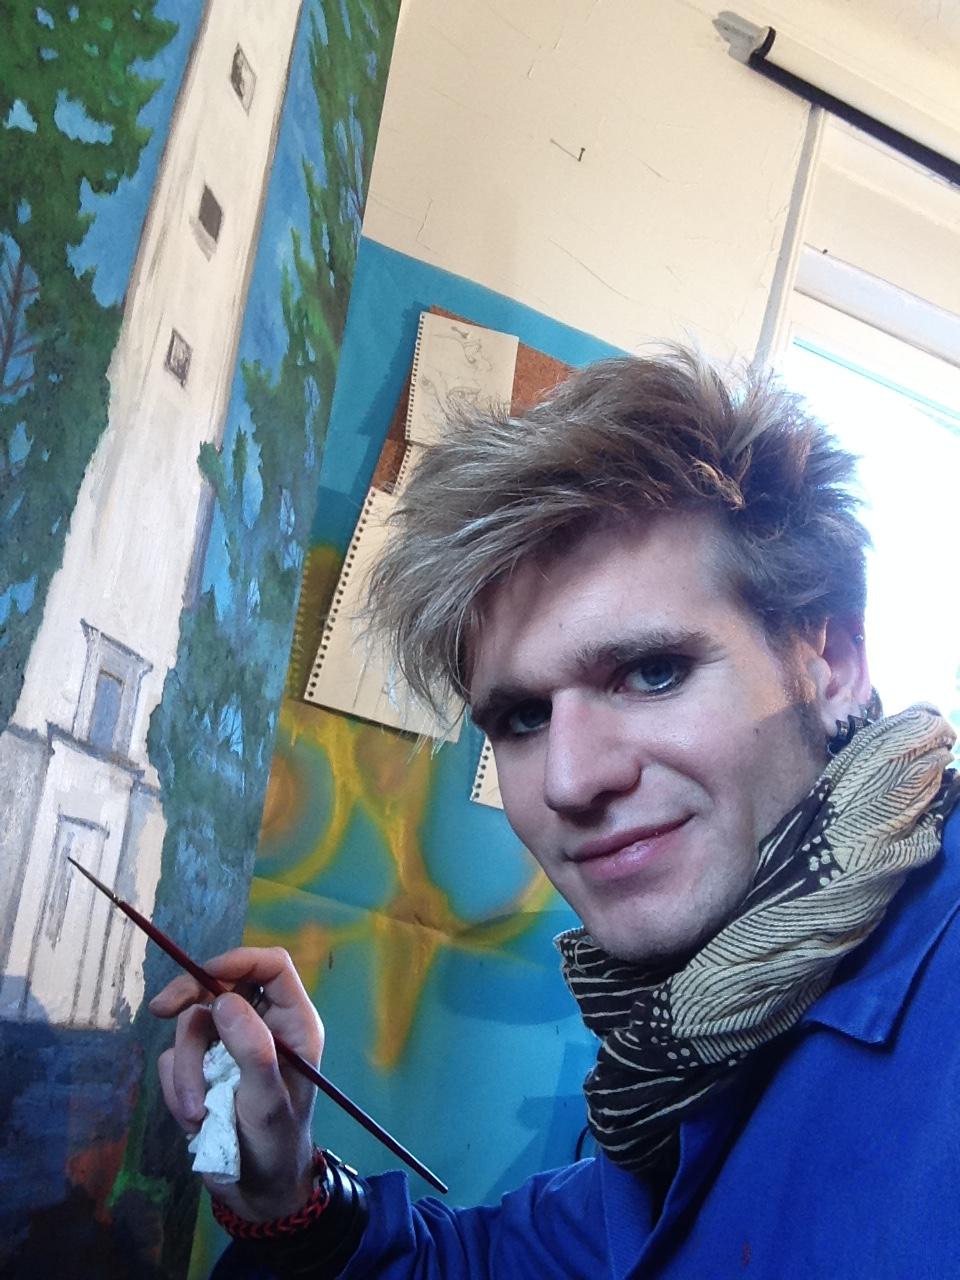 work in the studio of art